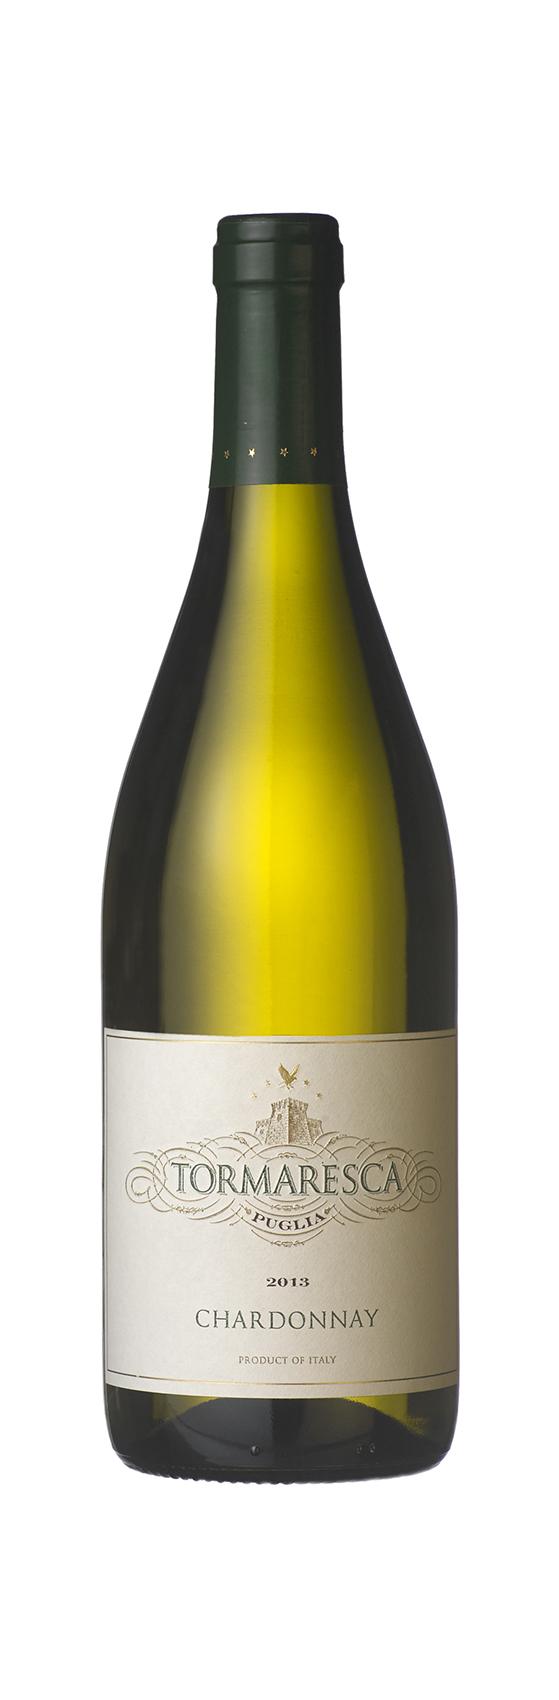 FET_Liebhaverboligen_Vinstyrke2_34900501213 2103 Chardonnay, Puglia IGT_Let